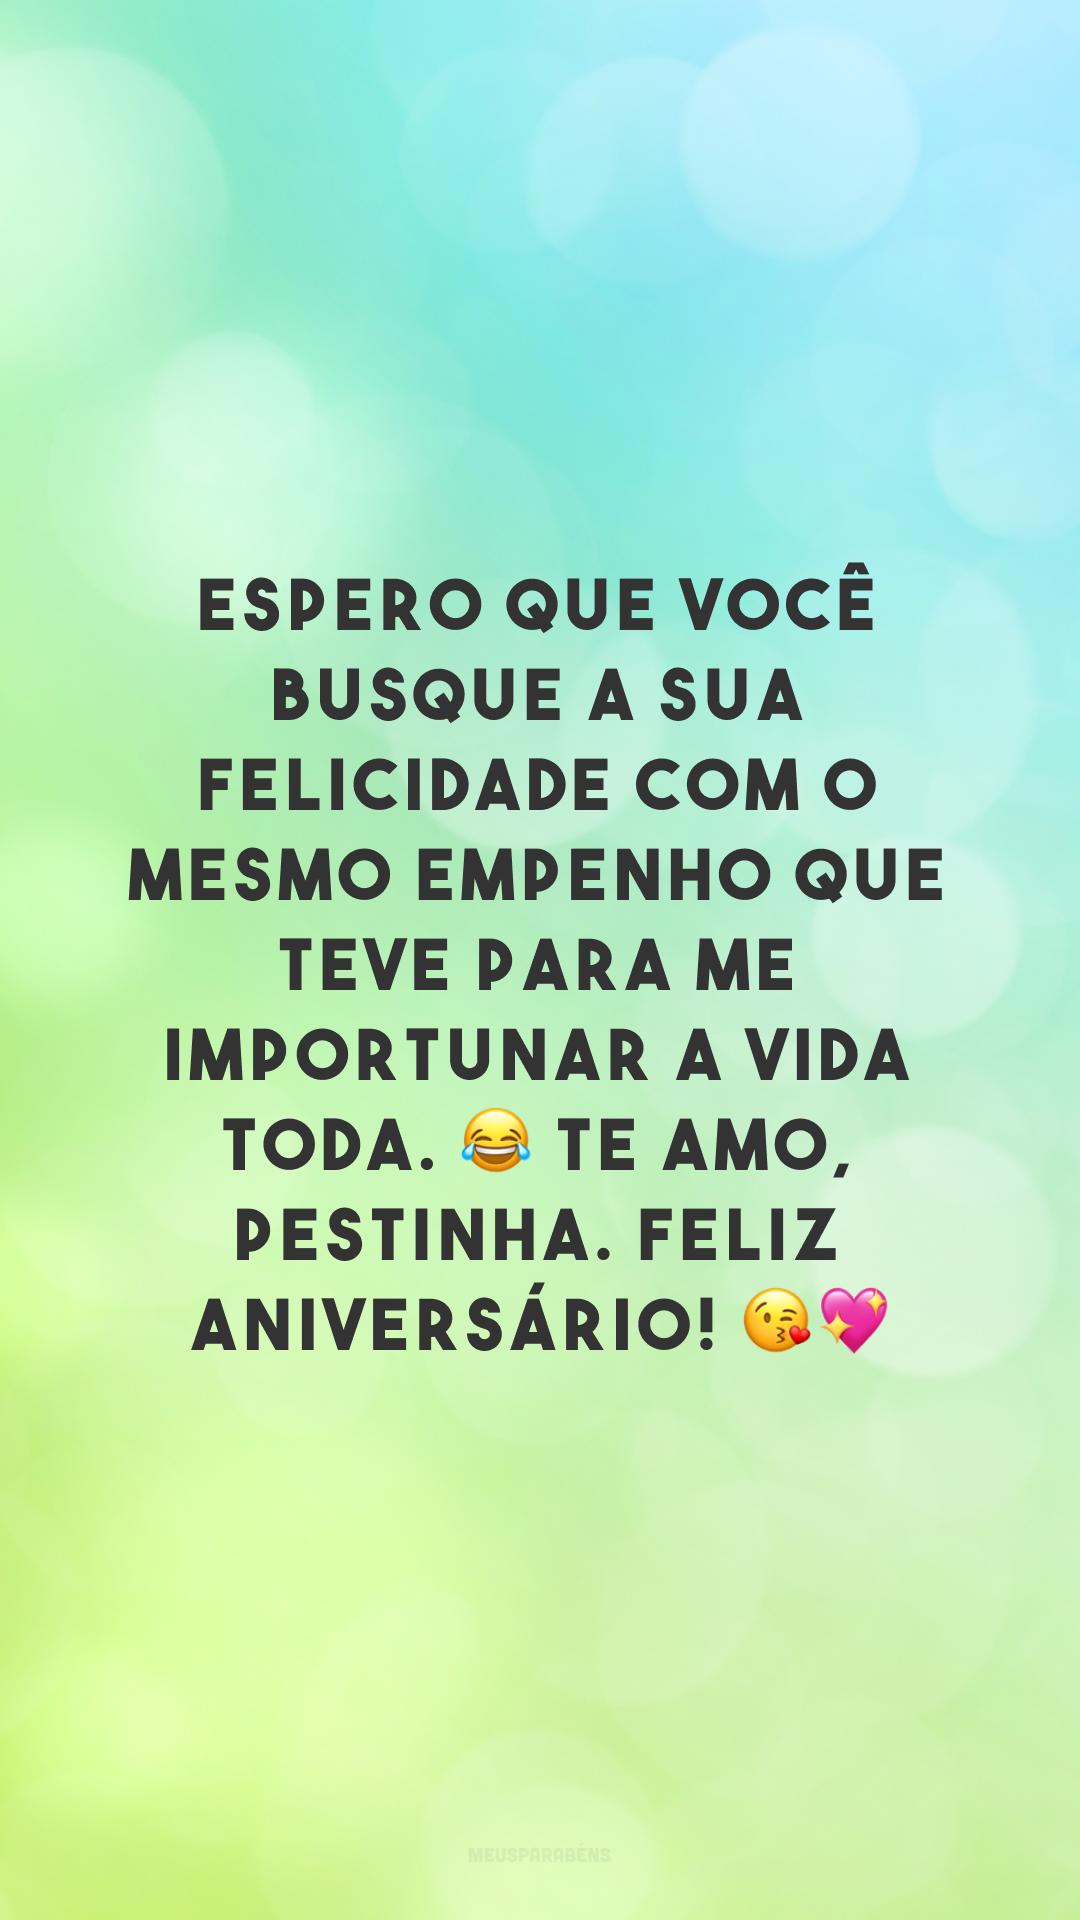 Espero que você busque a sua felicidade com o mesmo empenho que teve para me importunar a vida toda. 😂 Te amo, pestinha. Feliz aniversário! 😘💖